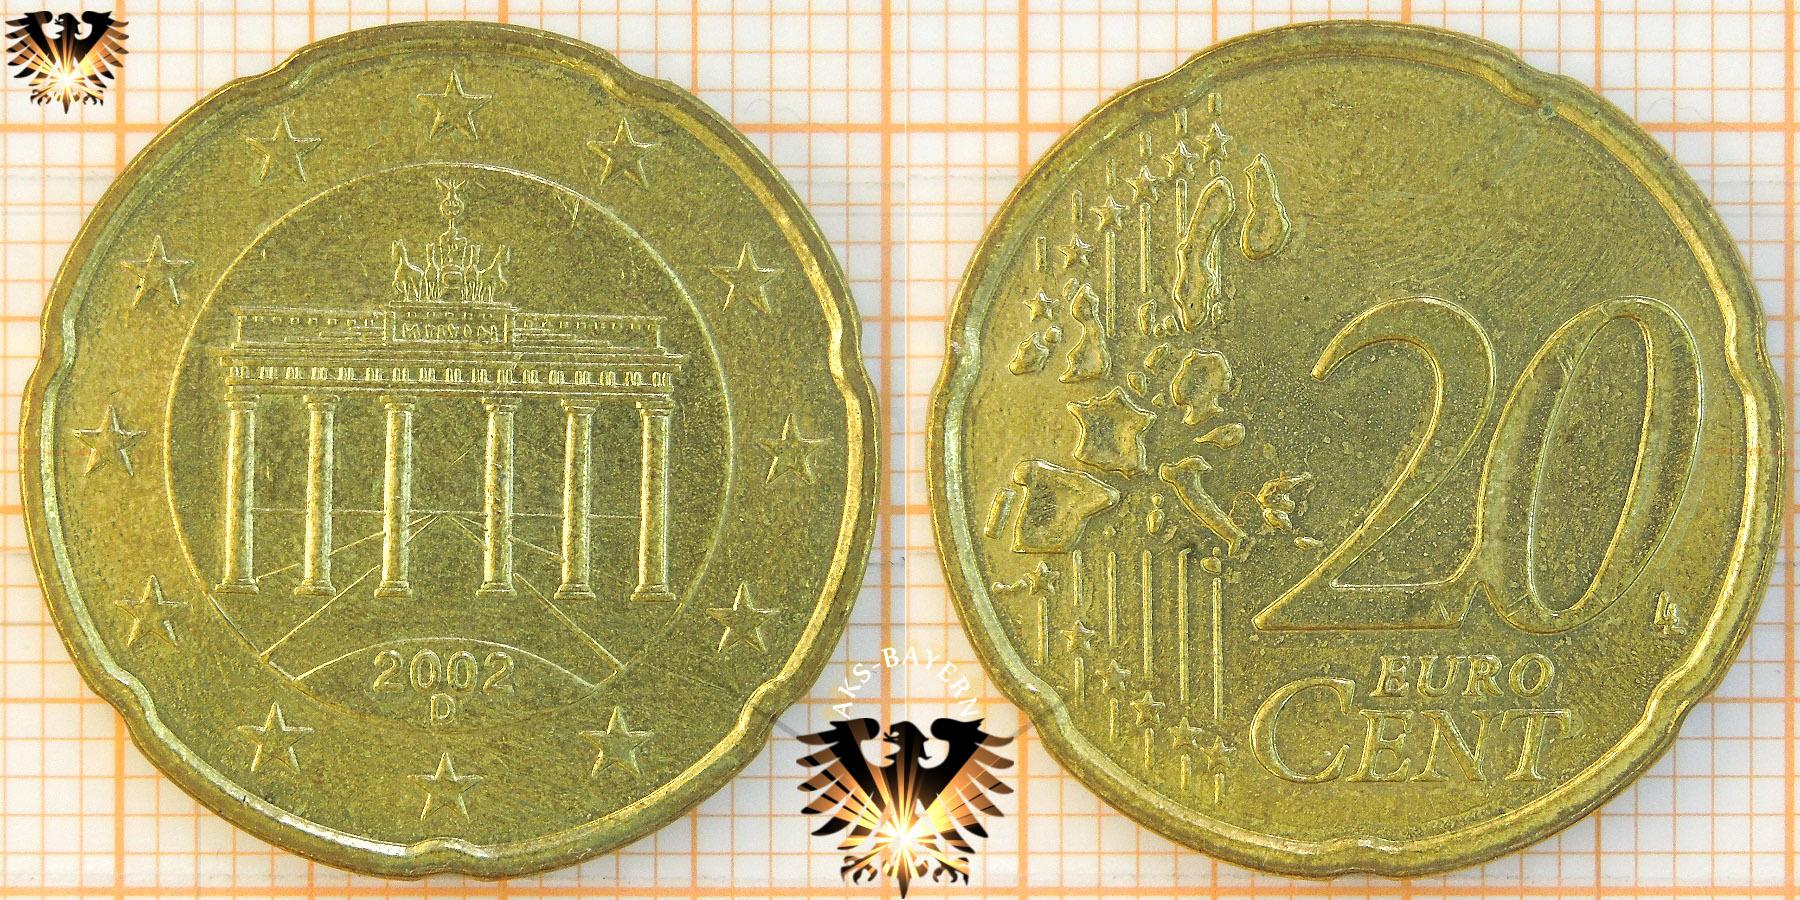 20 Cent Brd 2002 D Nominal Eurocent